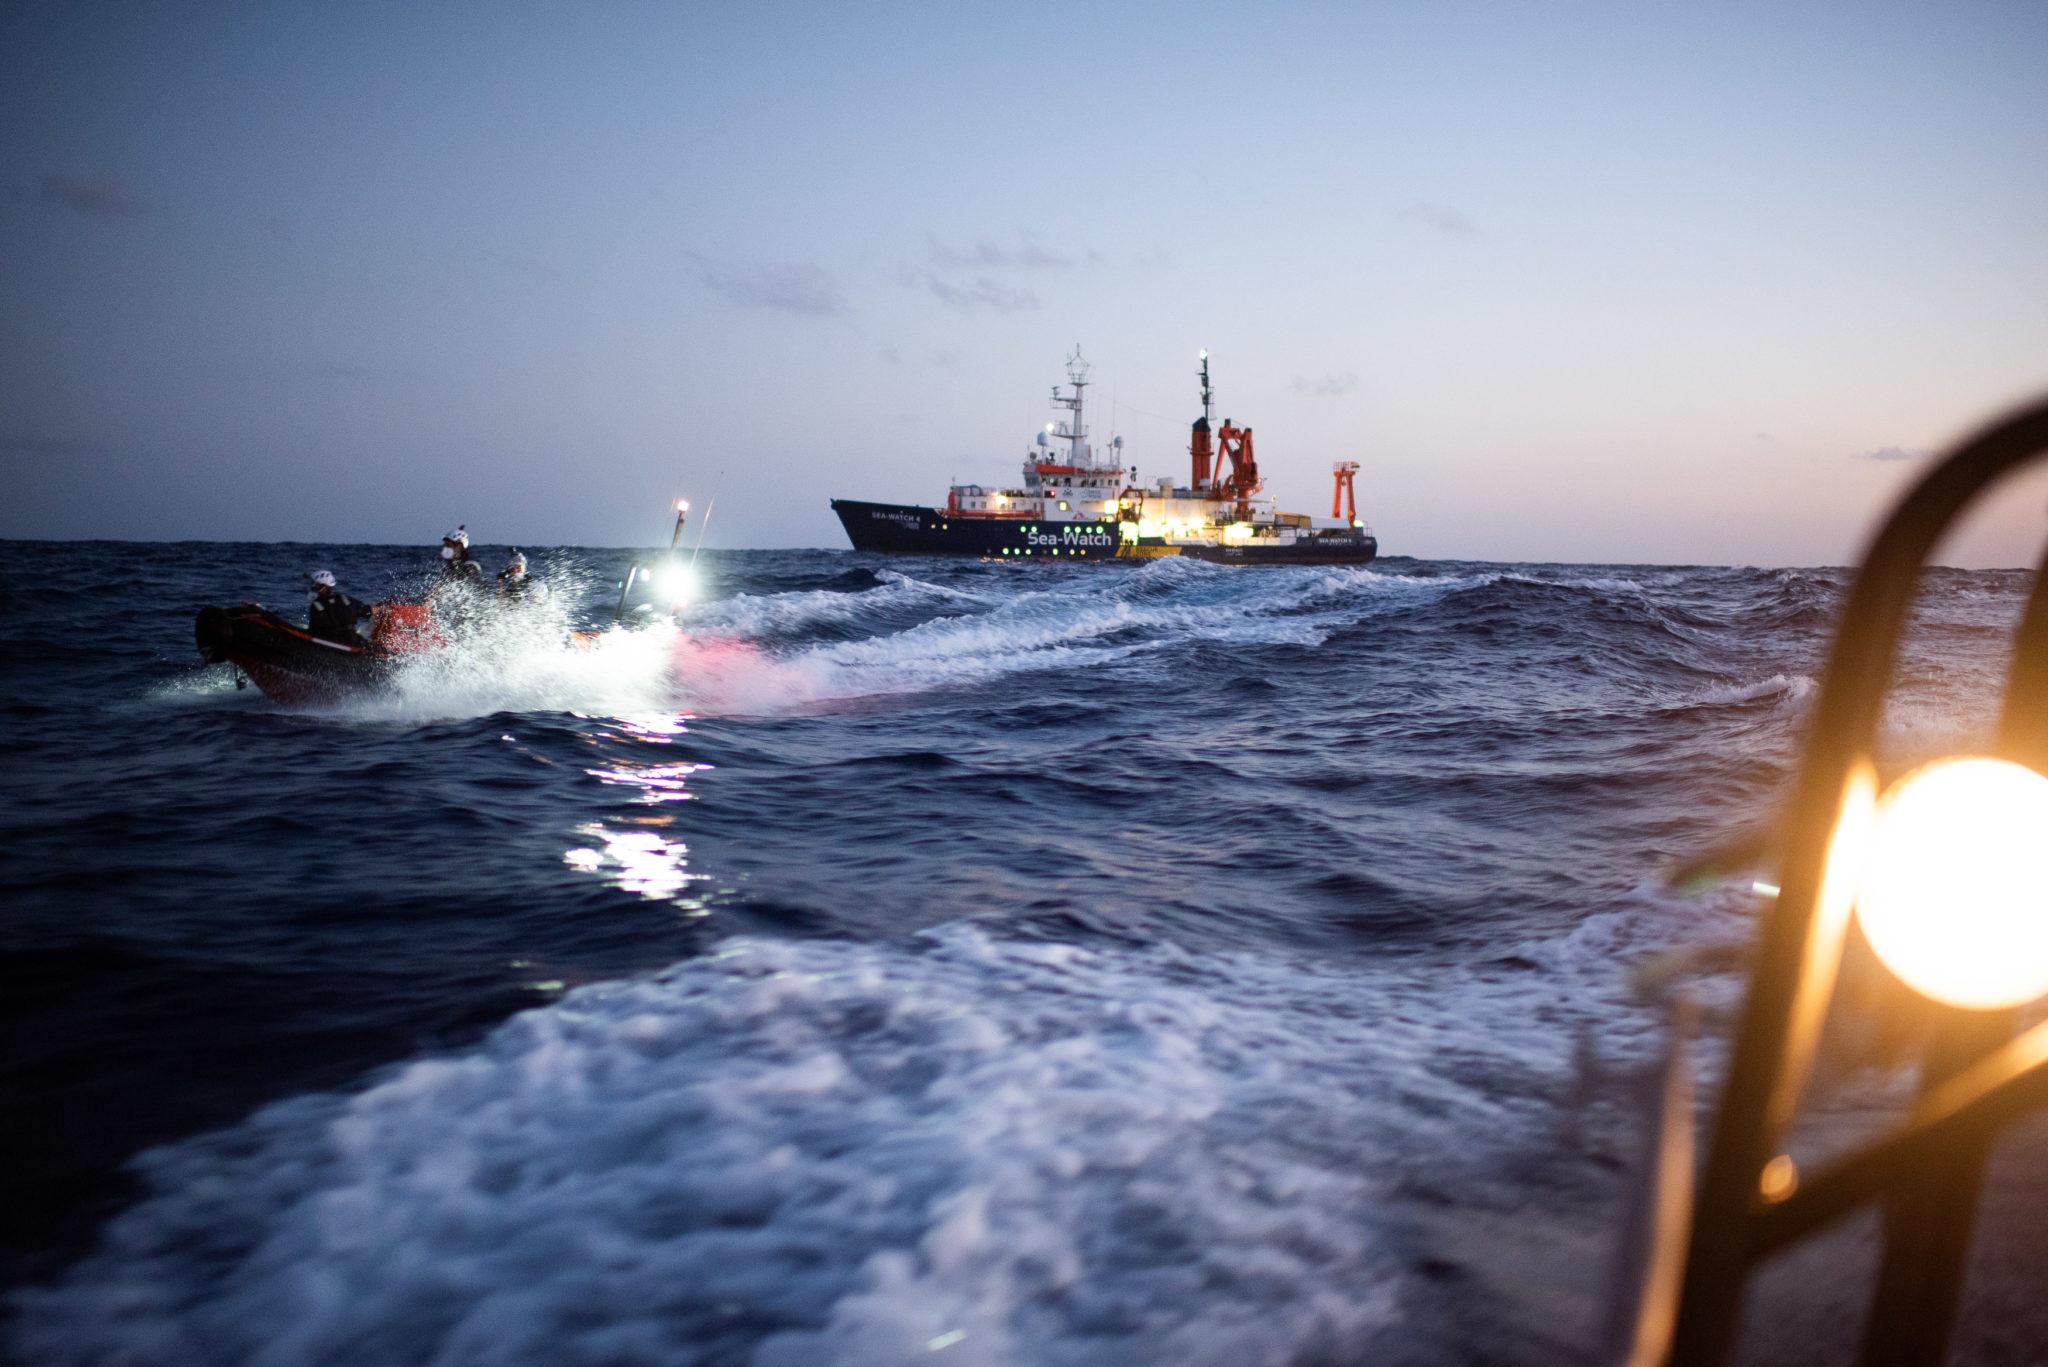 Das ehemalige Forschungschiff Poseidon, dass nun unter dem Namen Sea-Watch 4 Flüchtlinge in Seenot im Mittelmeer rettet ist auf hoher See zu sehen. Das Foto wurde aus einem Schlauchboot aufgenommen. Ein zweites Schlauchboot mit Einsatzkräften in Arbeit ist zu sehen